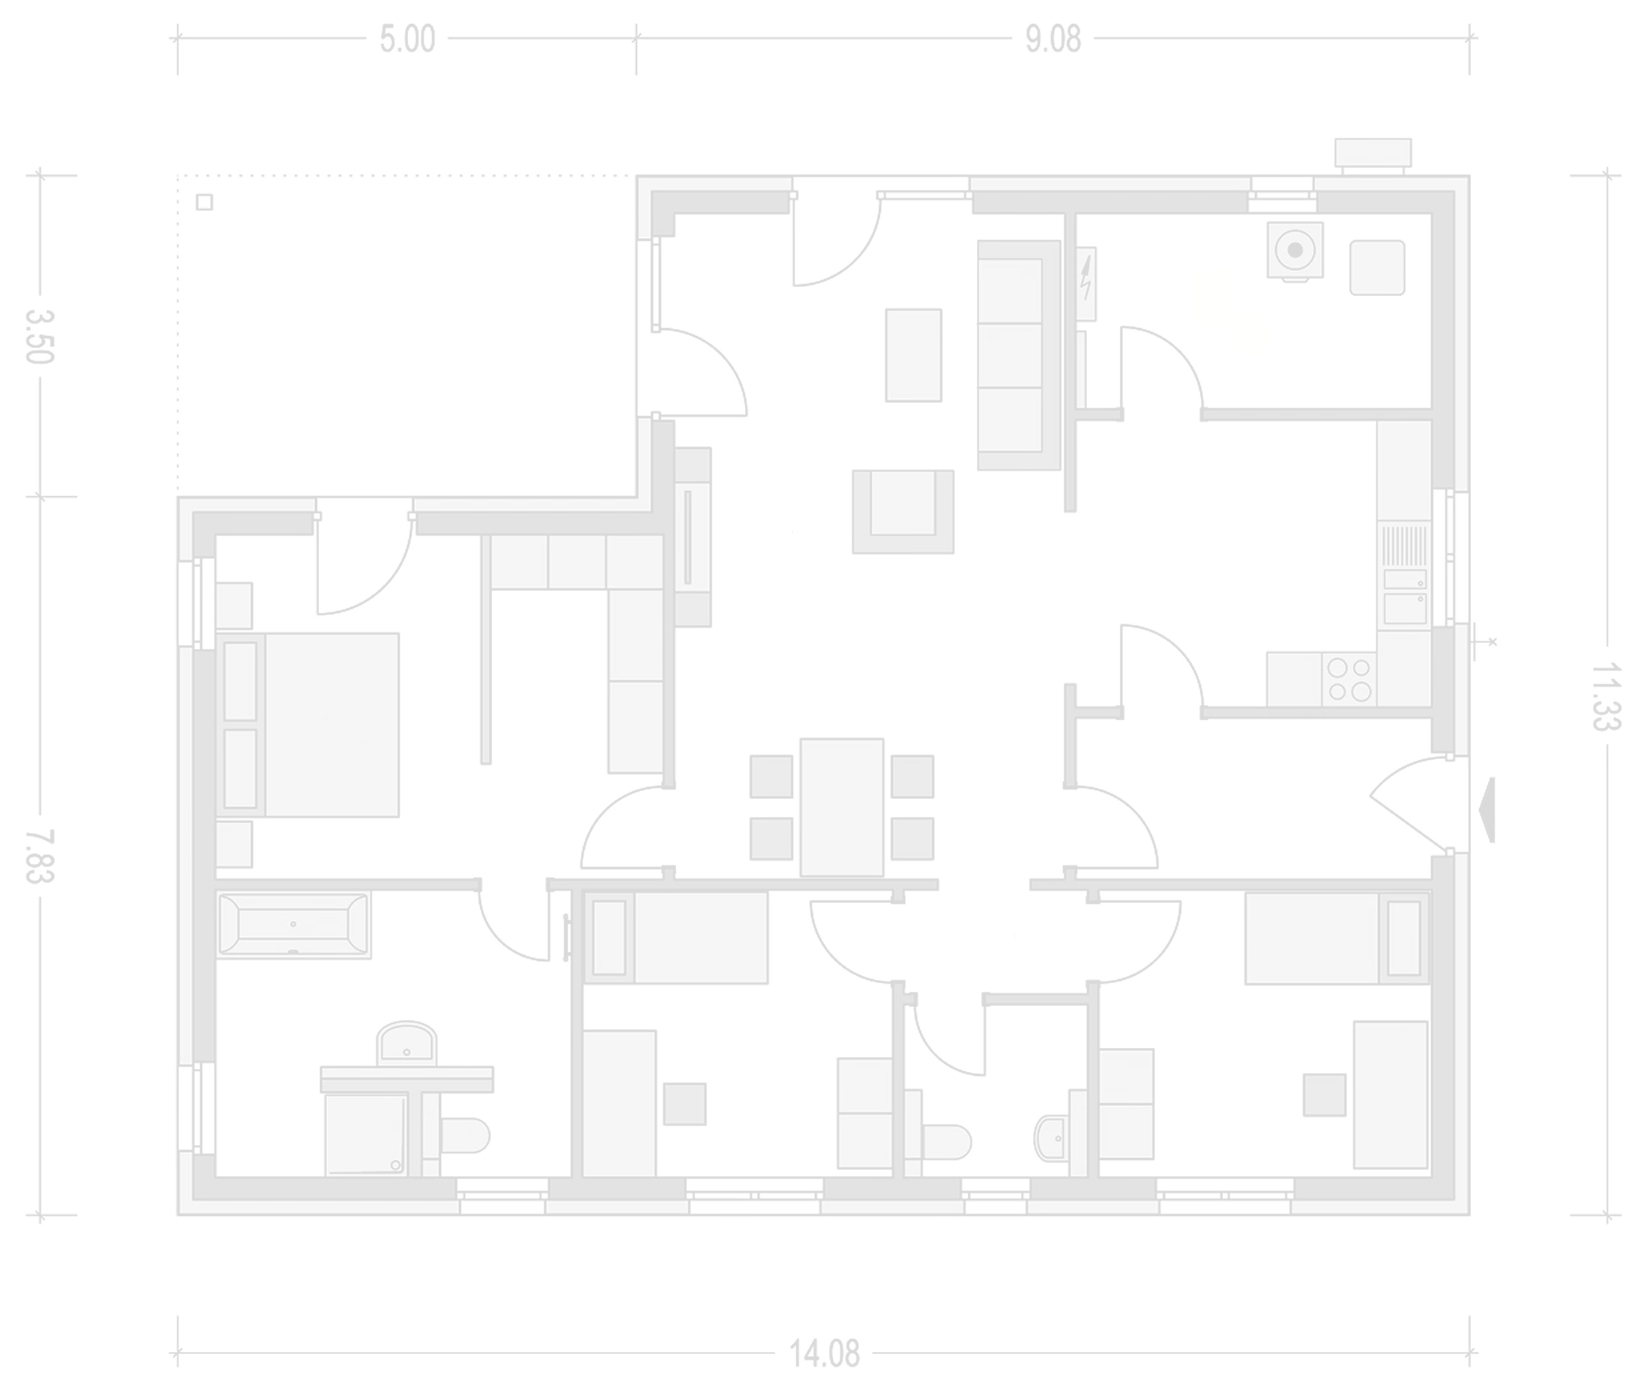 Planimetria della costruzione Sopraelevazione in Legno modello Sopraelevazione - Roma Cornelia di Technowood